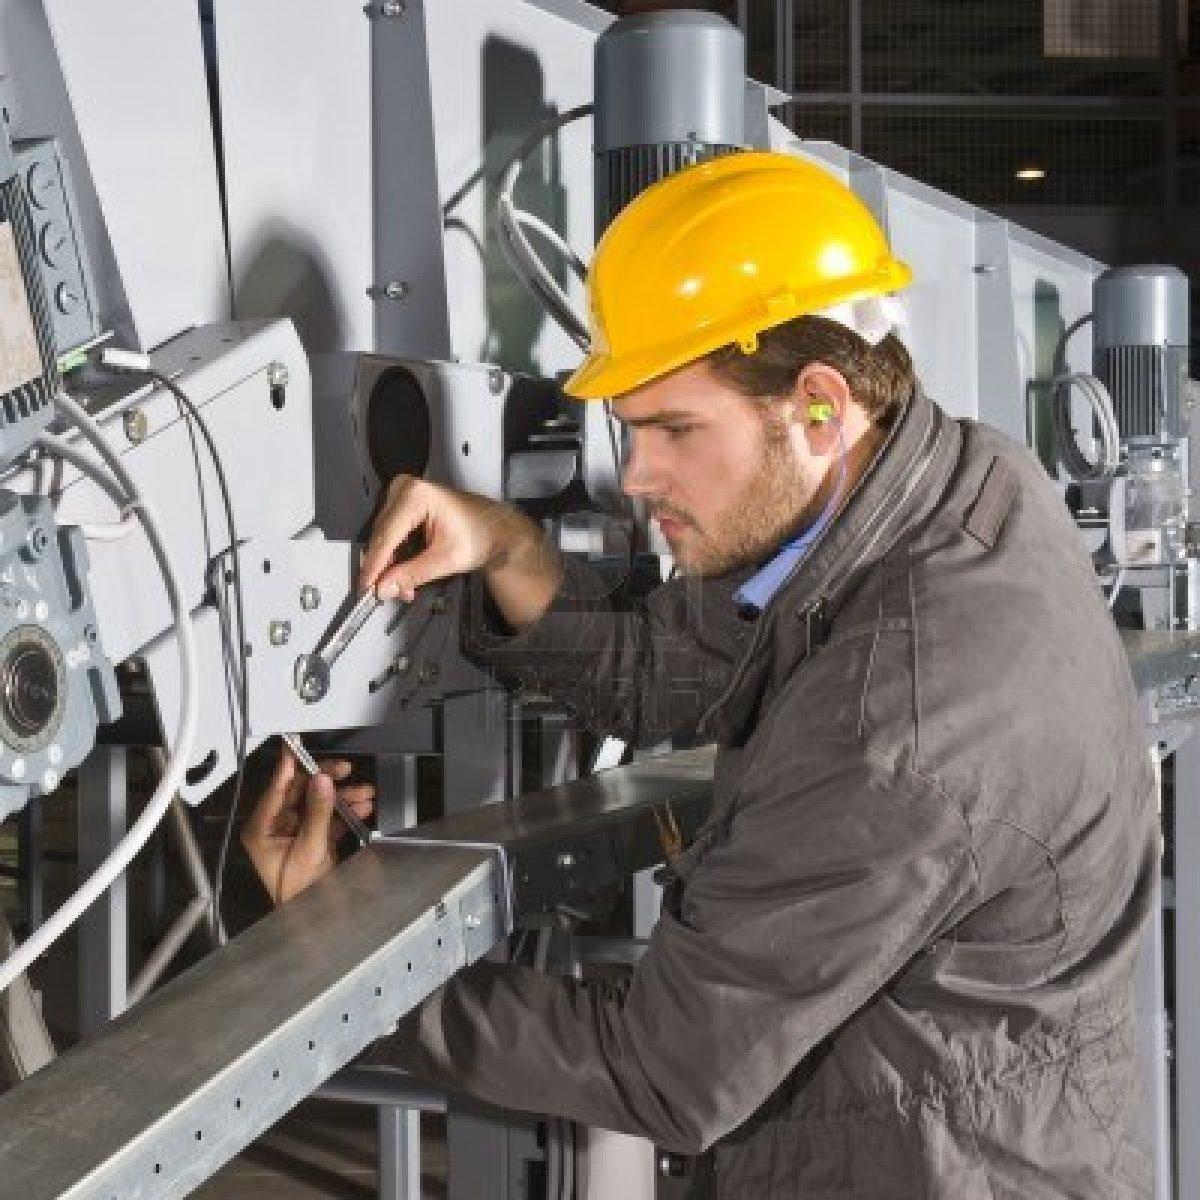 3577052-un-ingeniero-de-mantenimiento-hombres-trabajando-en-un-aparato-industrial